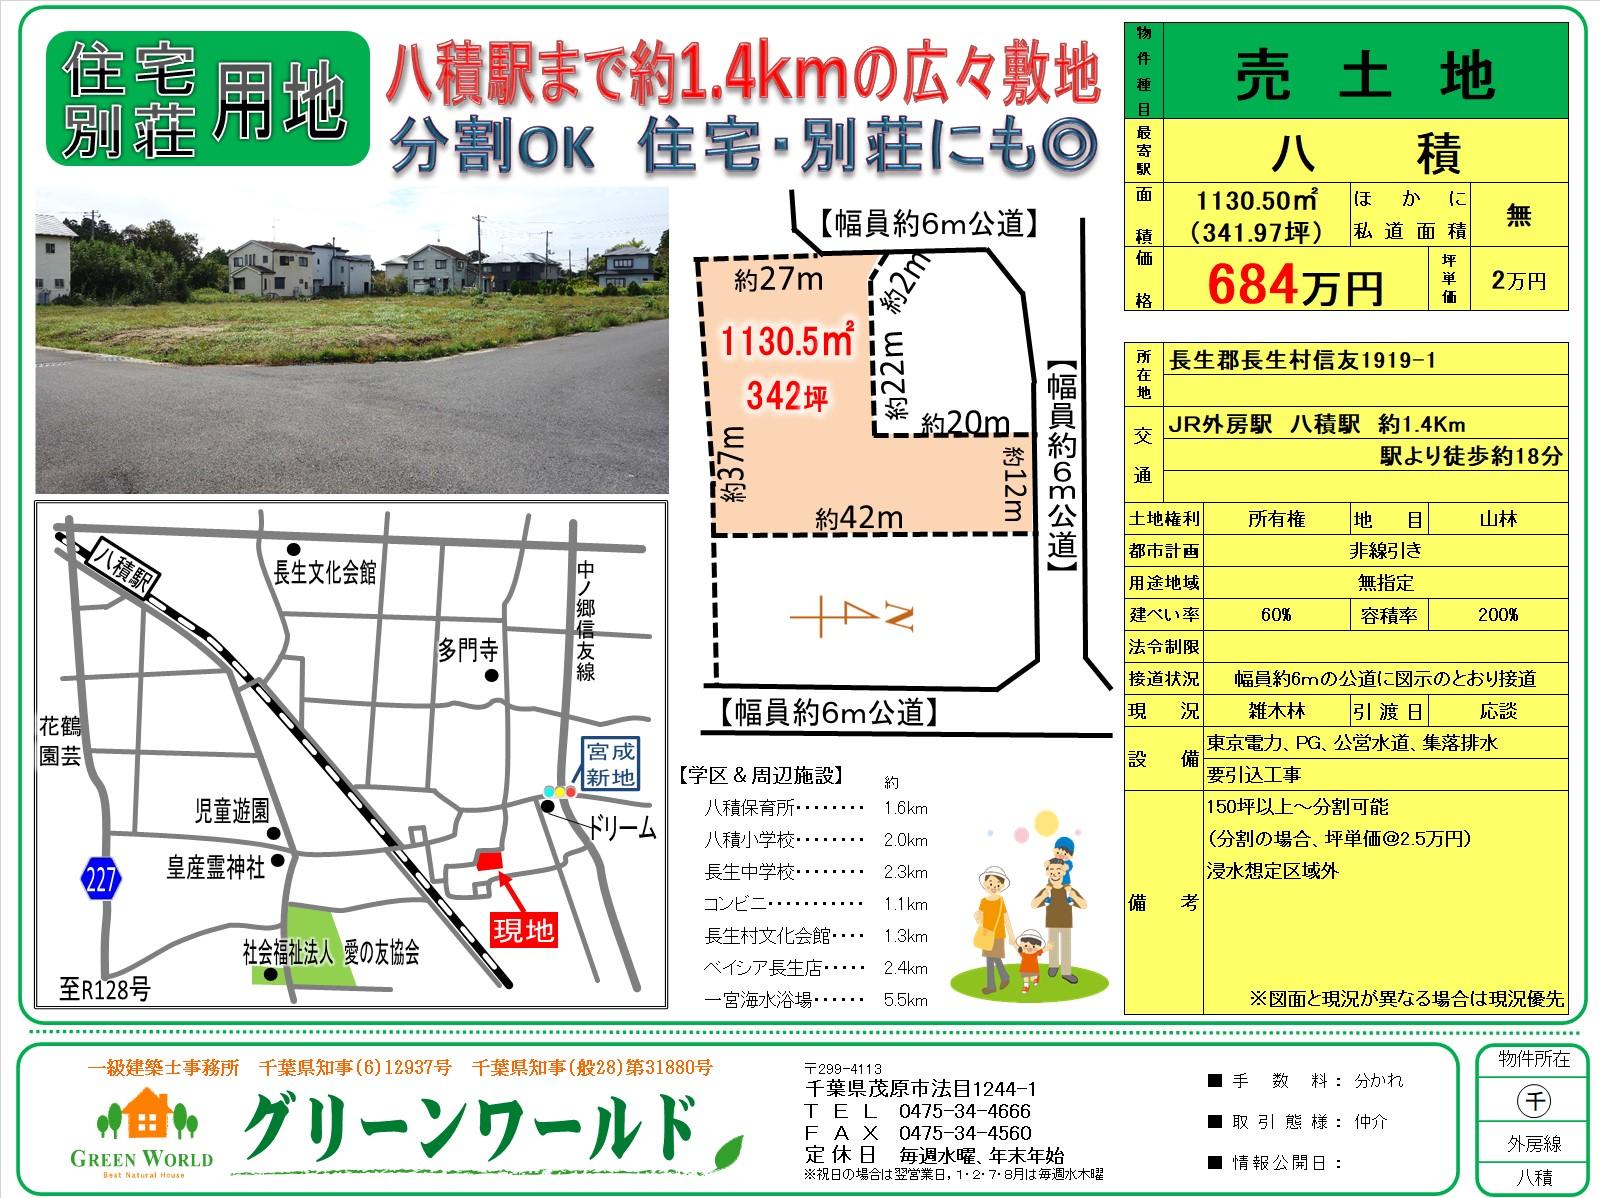 【売土地】長生村信友342坪